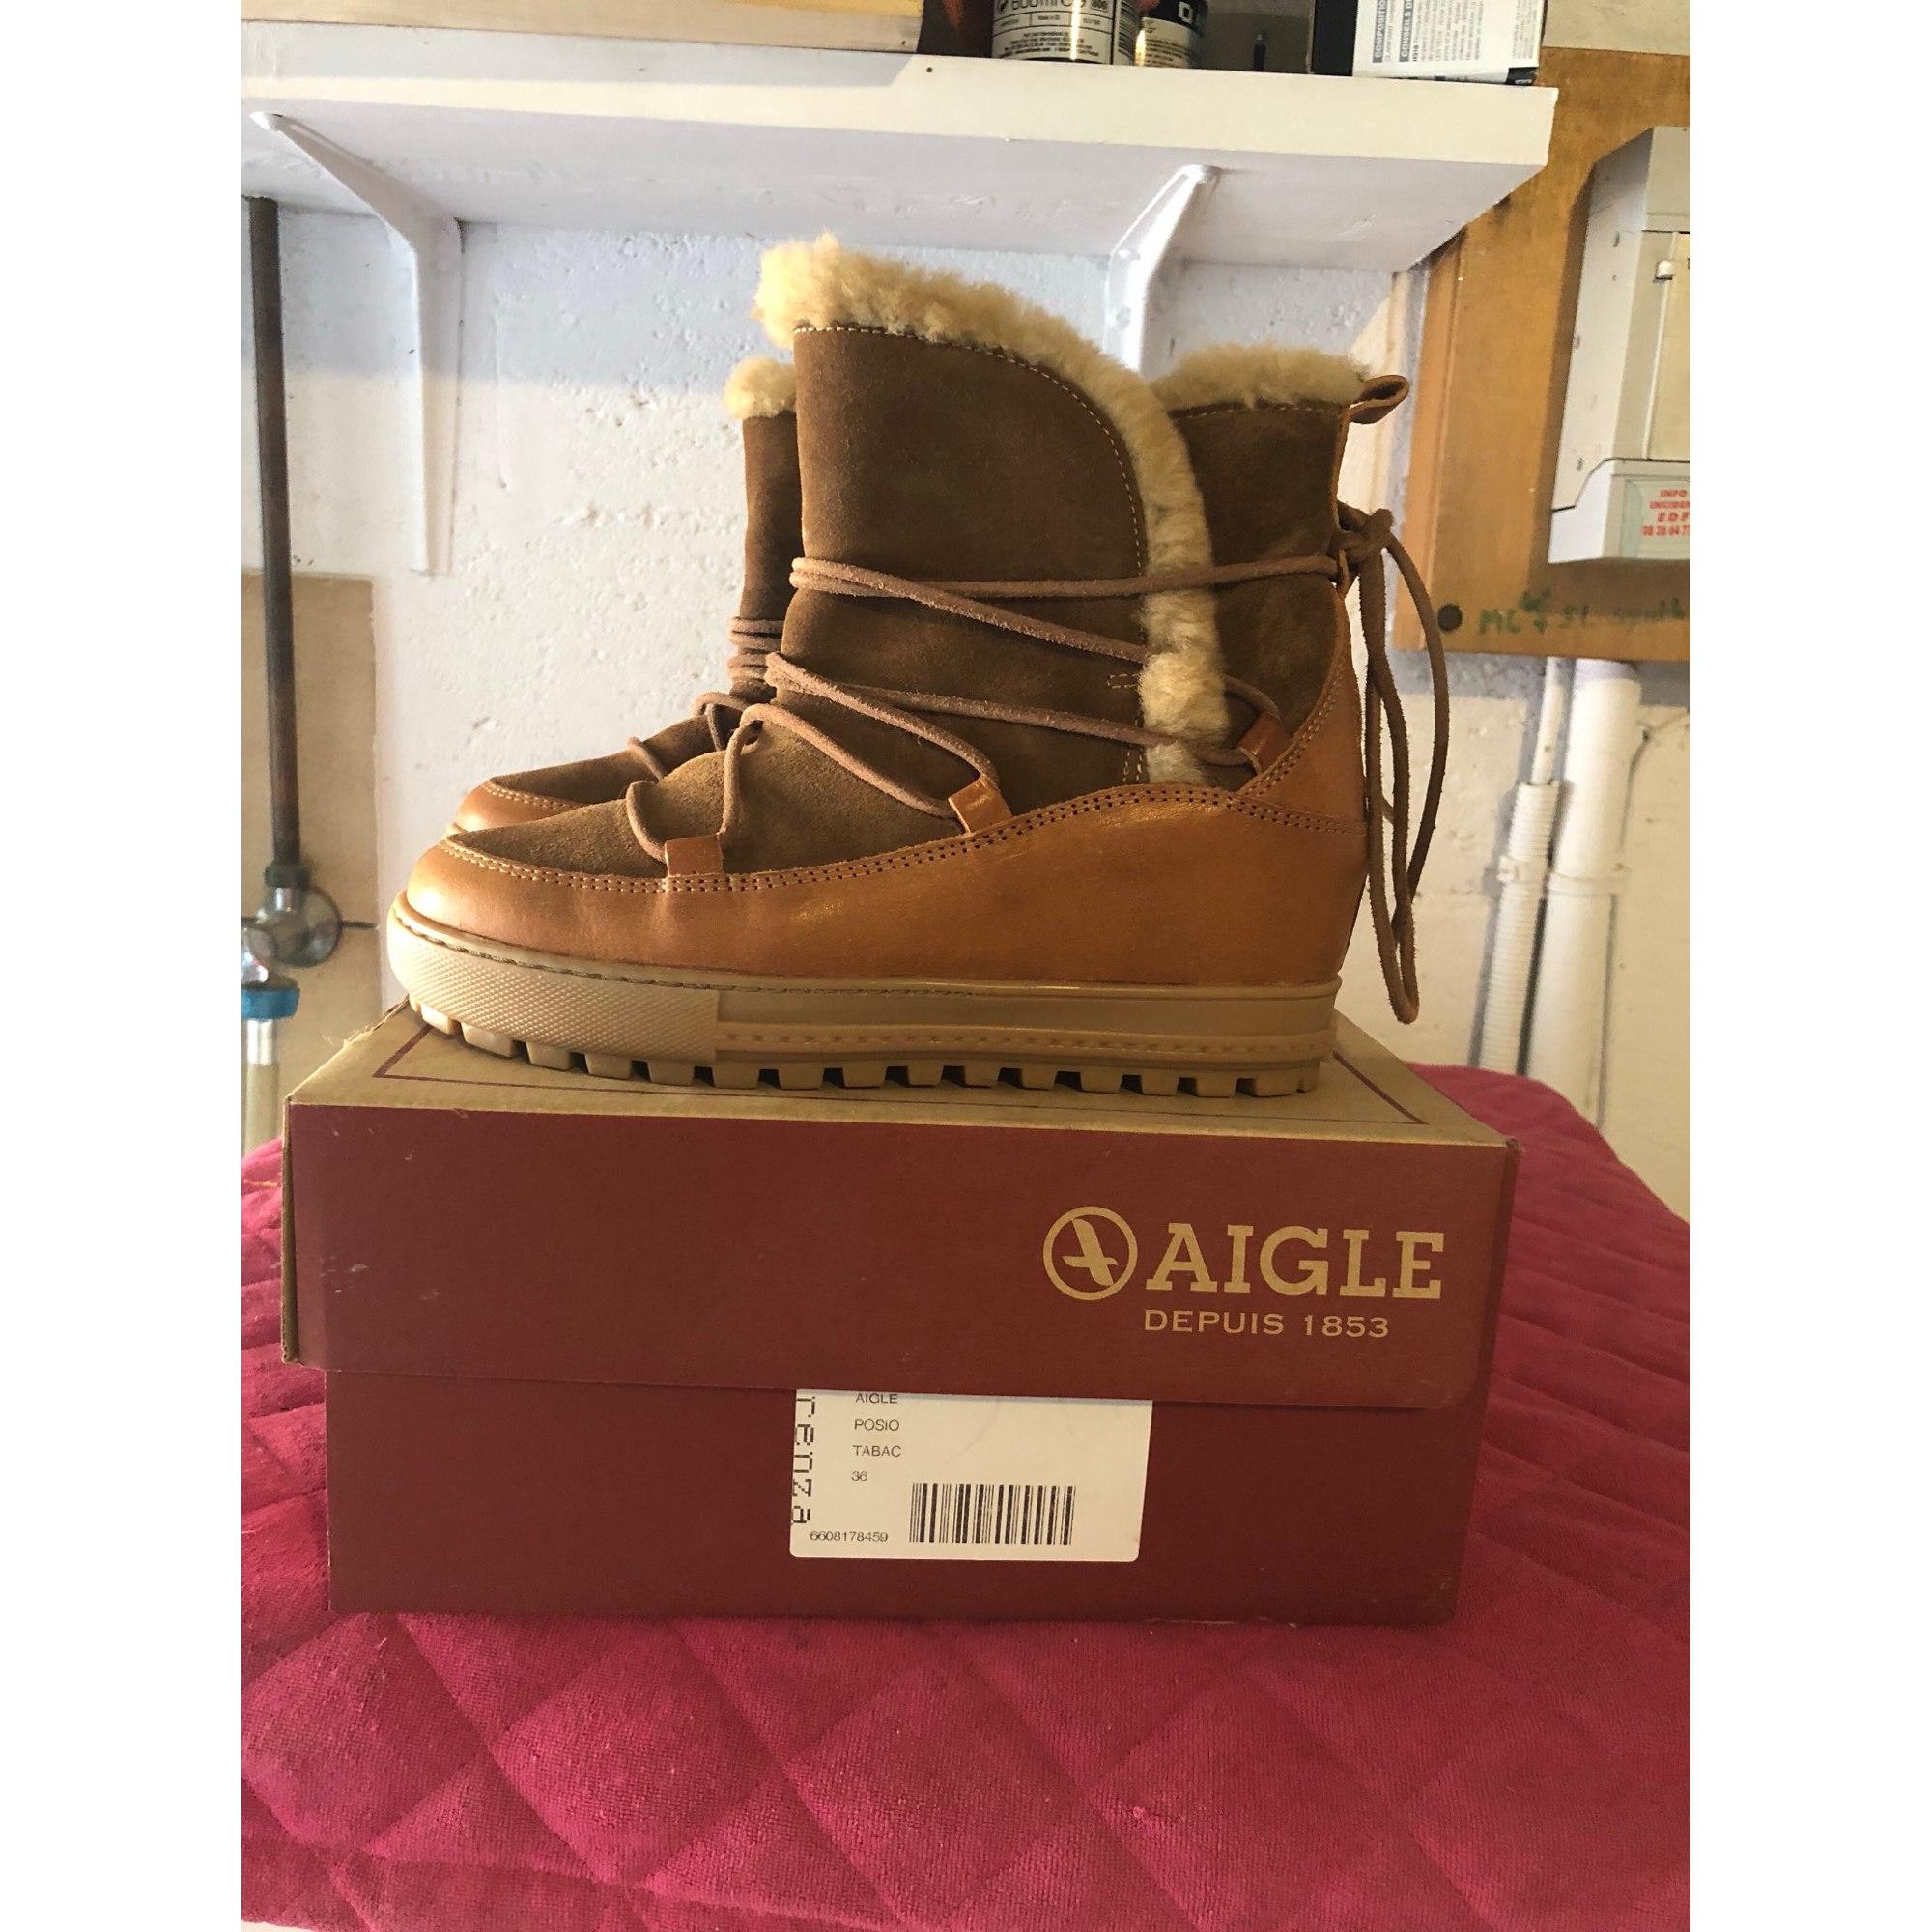 Low Par Bottines Beige 36 À Priscilla Boots Vendu Compensés amp; Aigle qCCTxg5